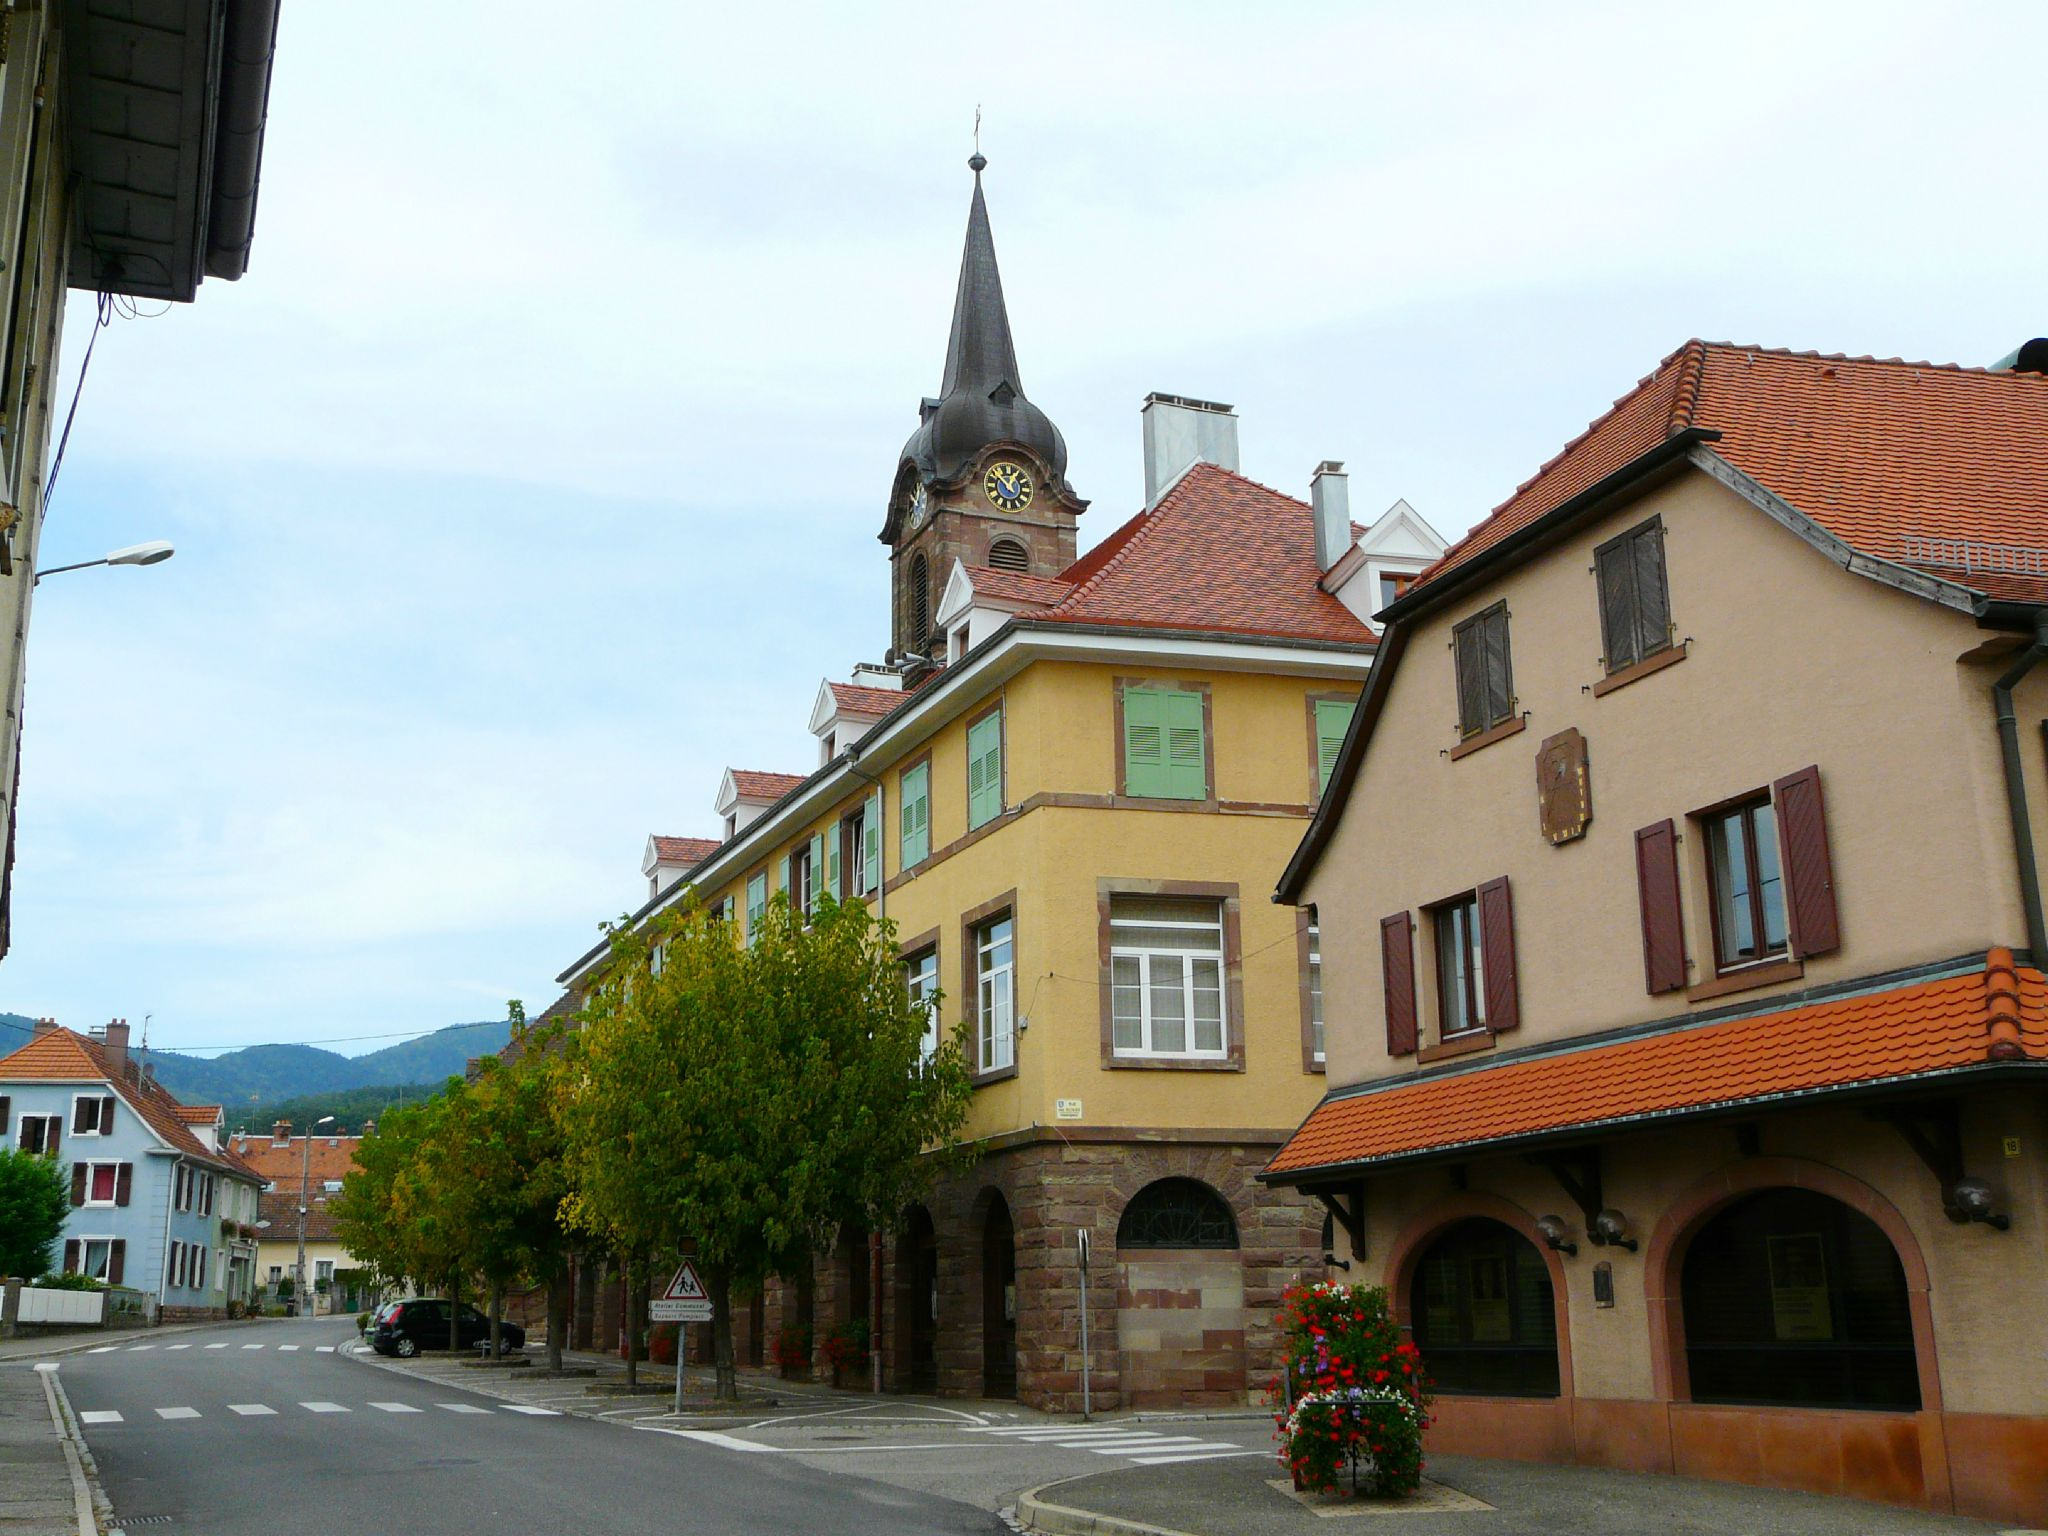 Uffholtz (1)